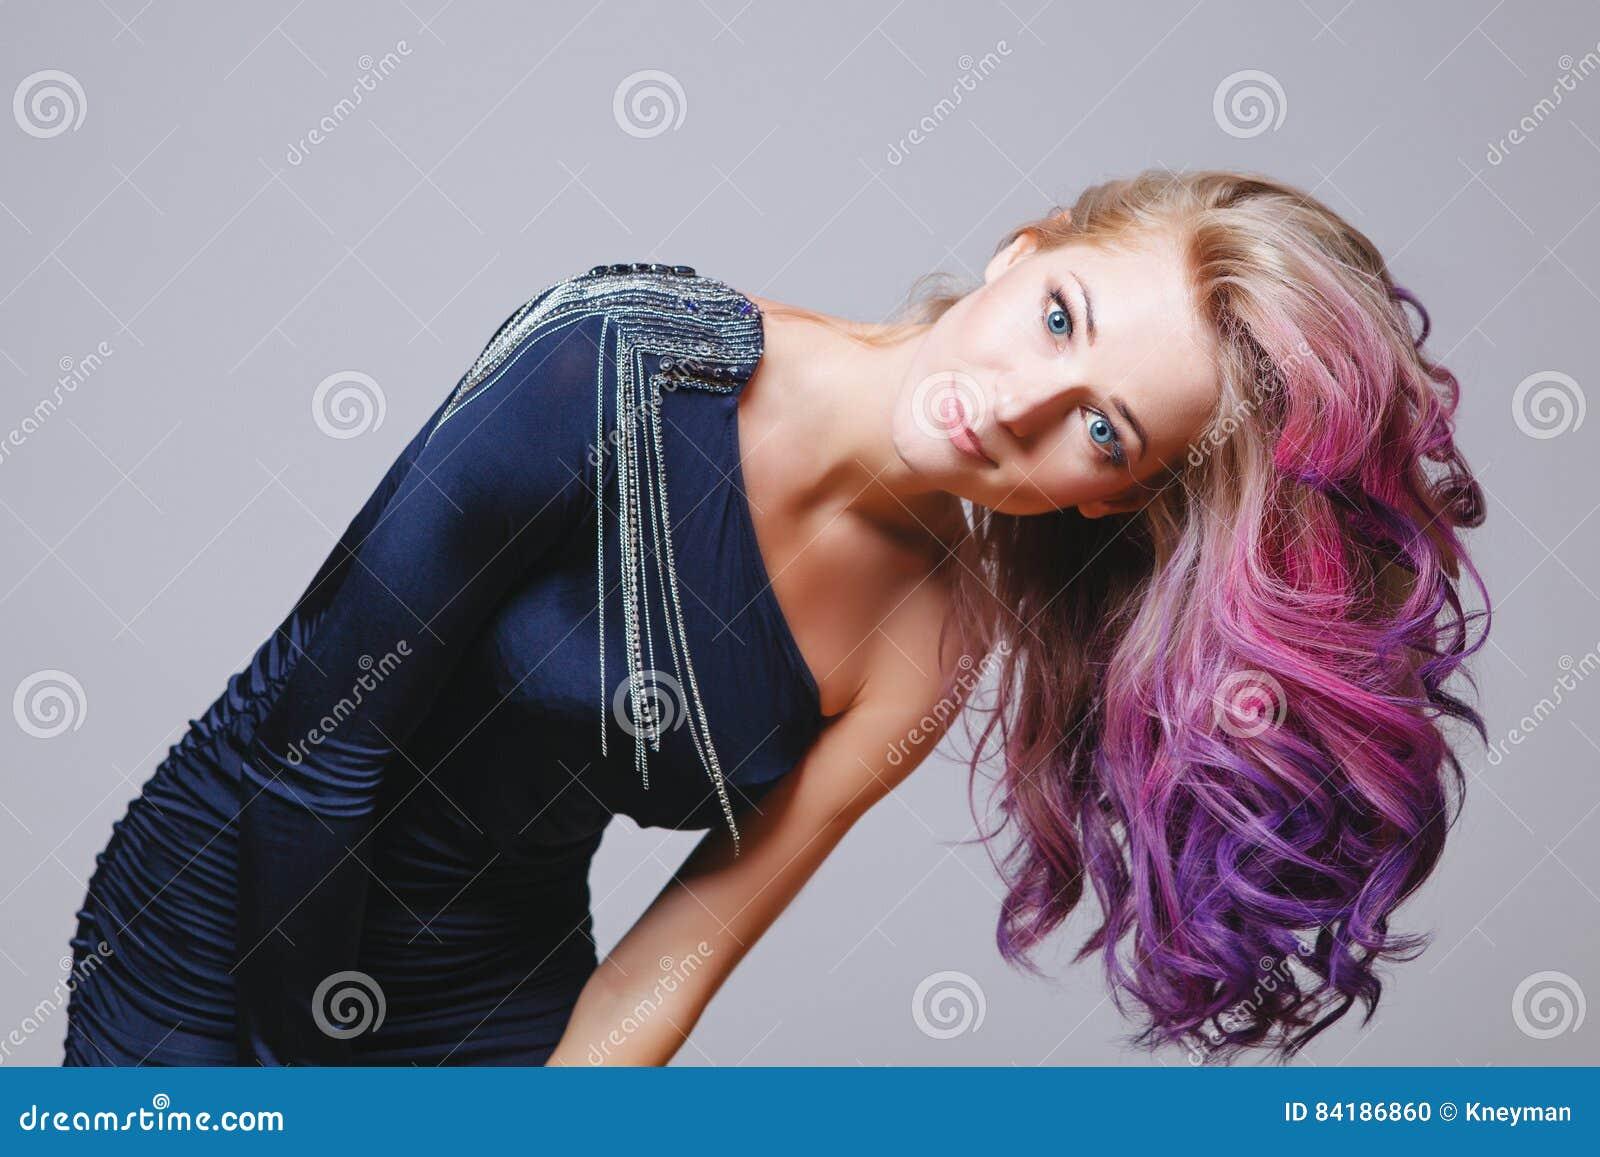 Ombre Frisur | Farbige Frisur Portrat Von Lachelnden Frauen Mit Grossen Blauen Augen